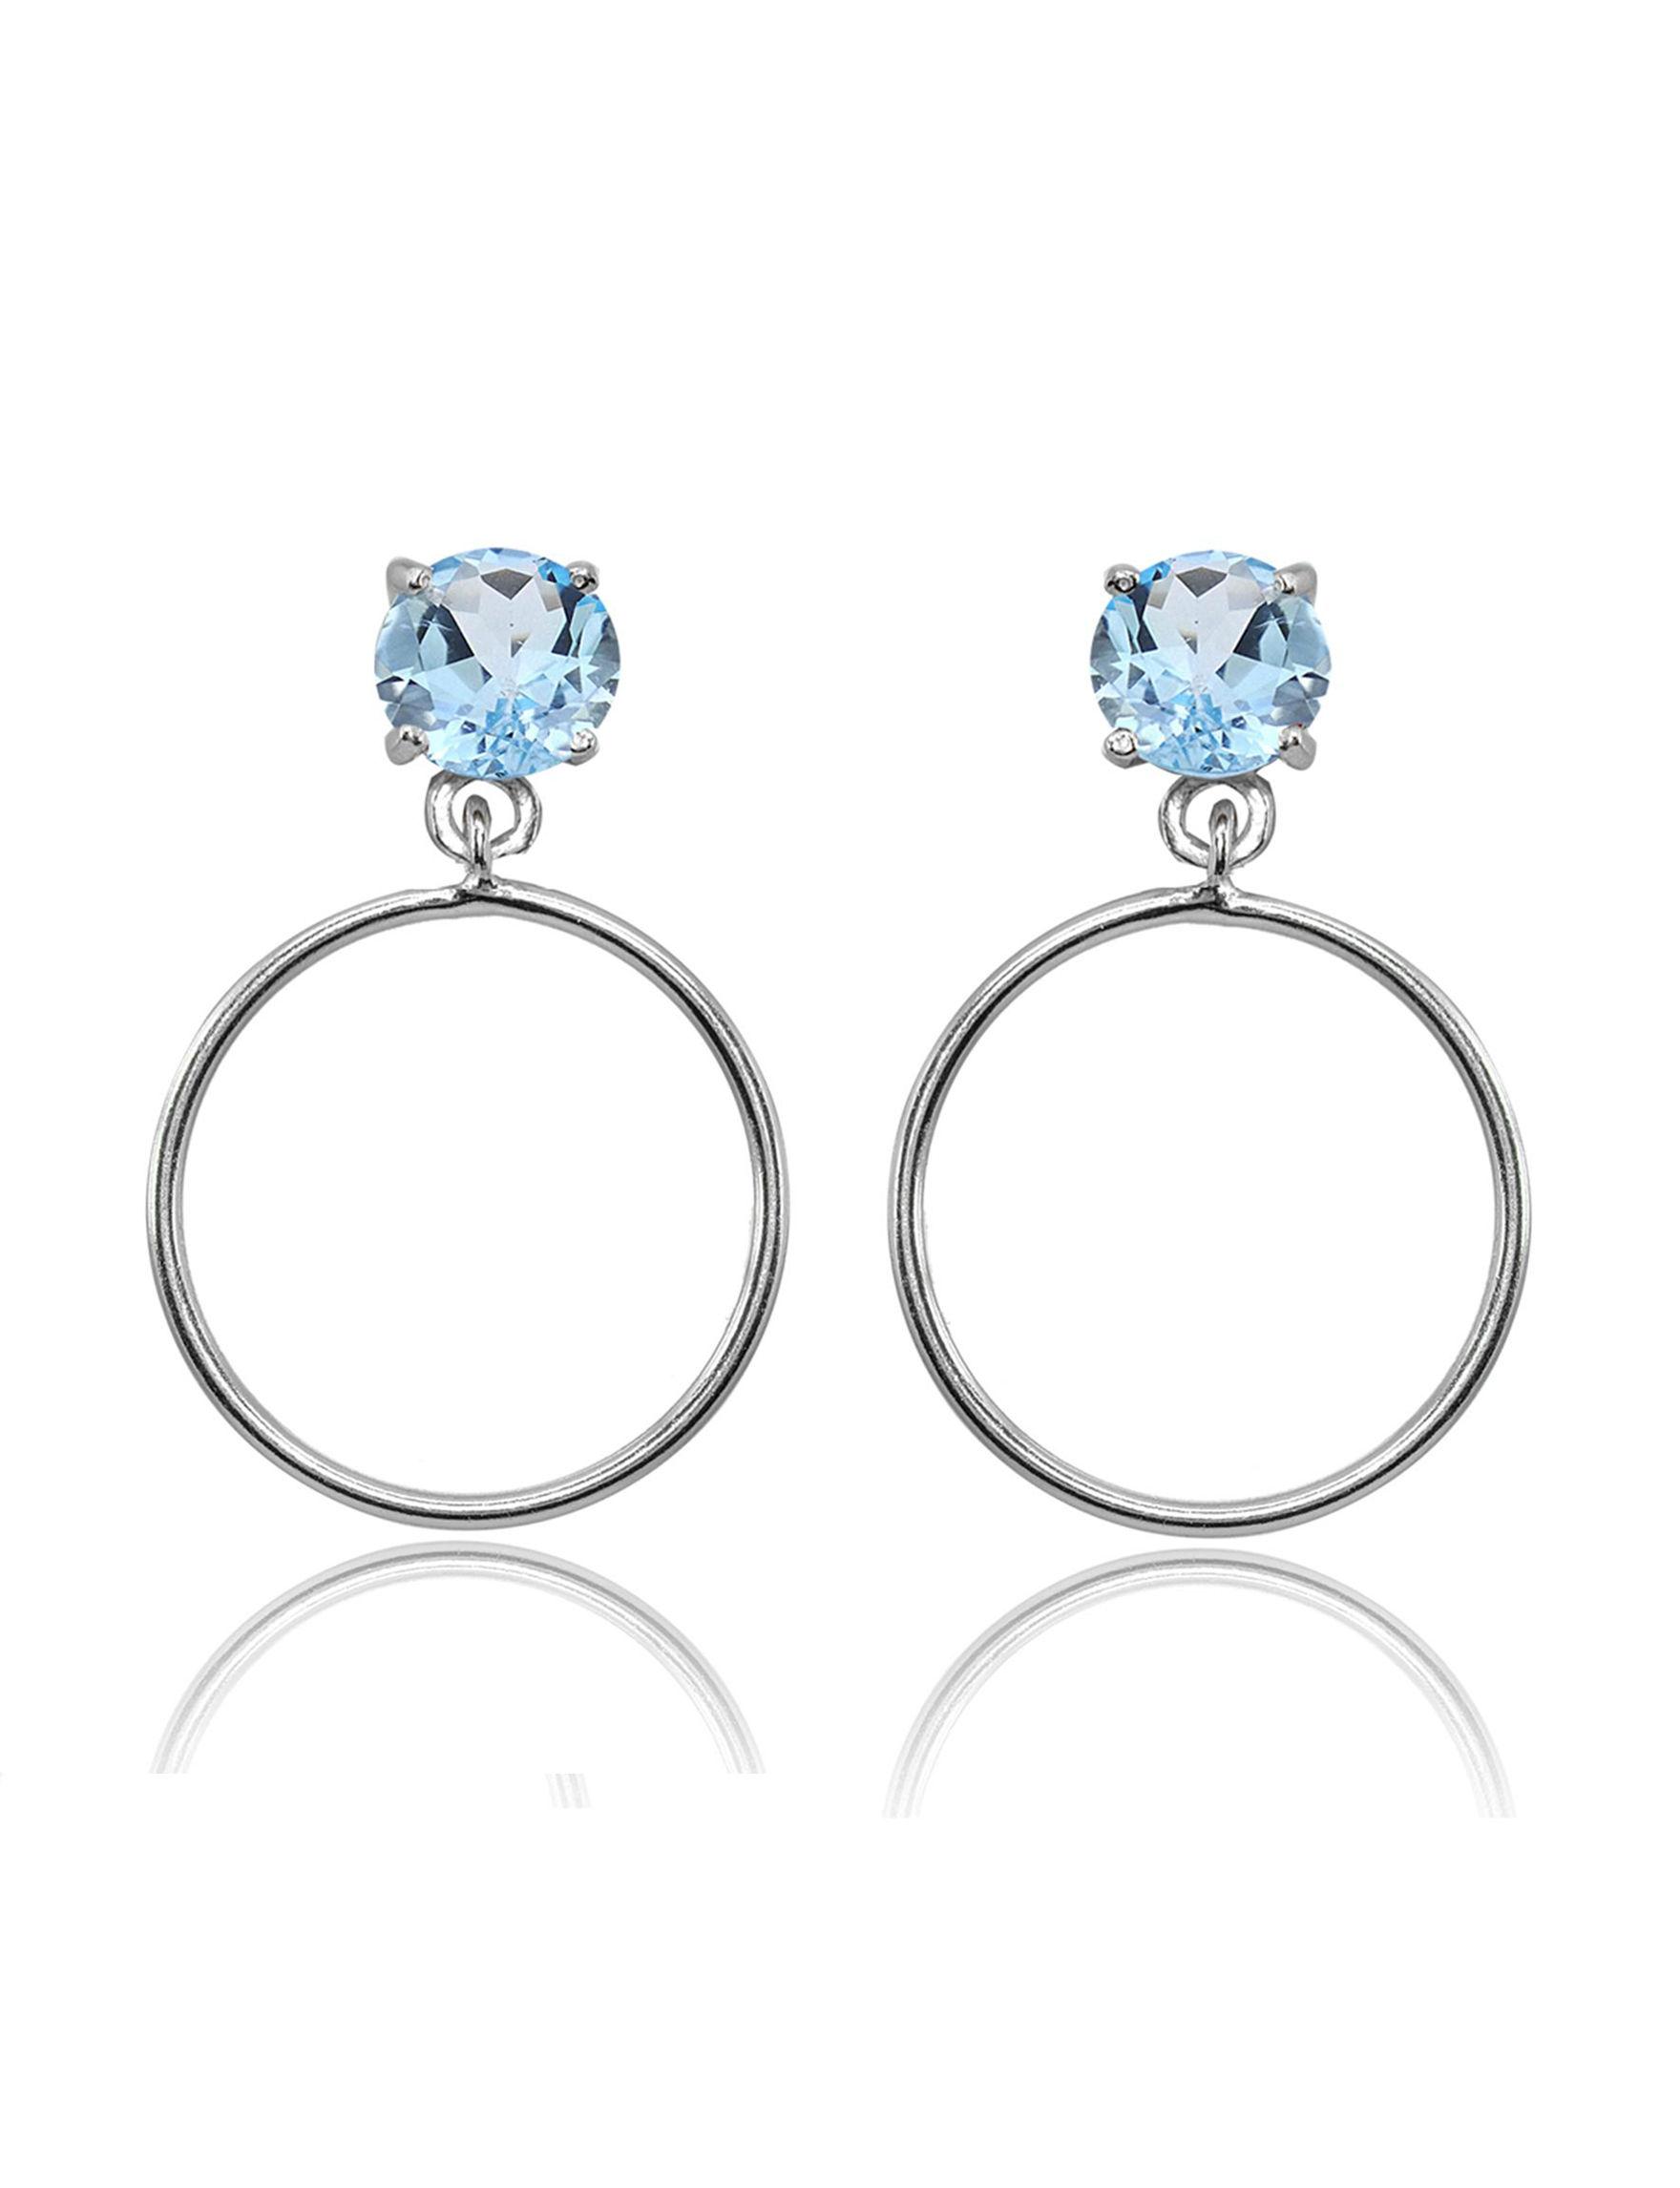 FMC Blue / Silver Hoops Earrings Fine Jewelry